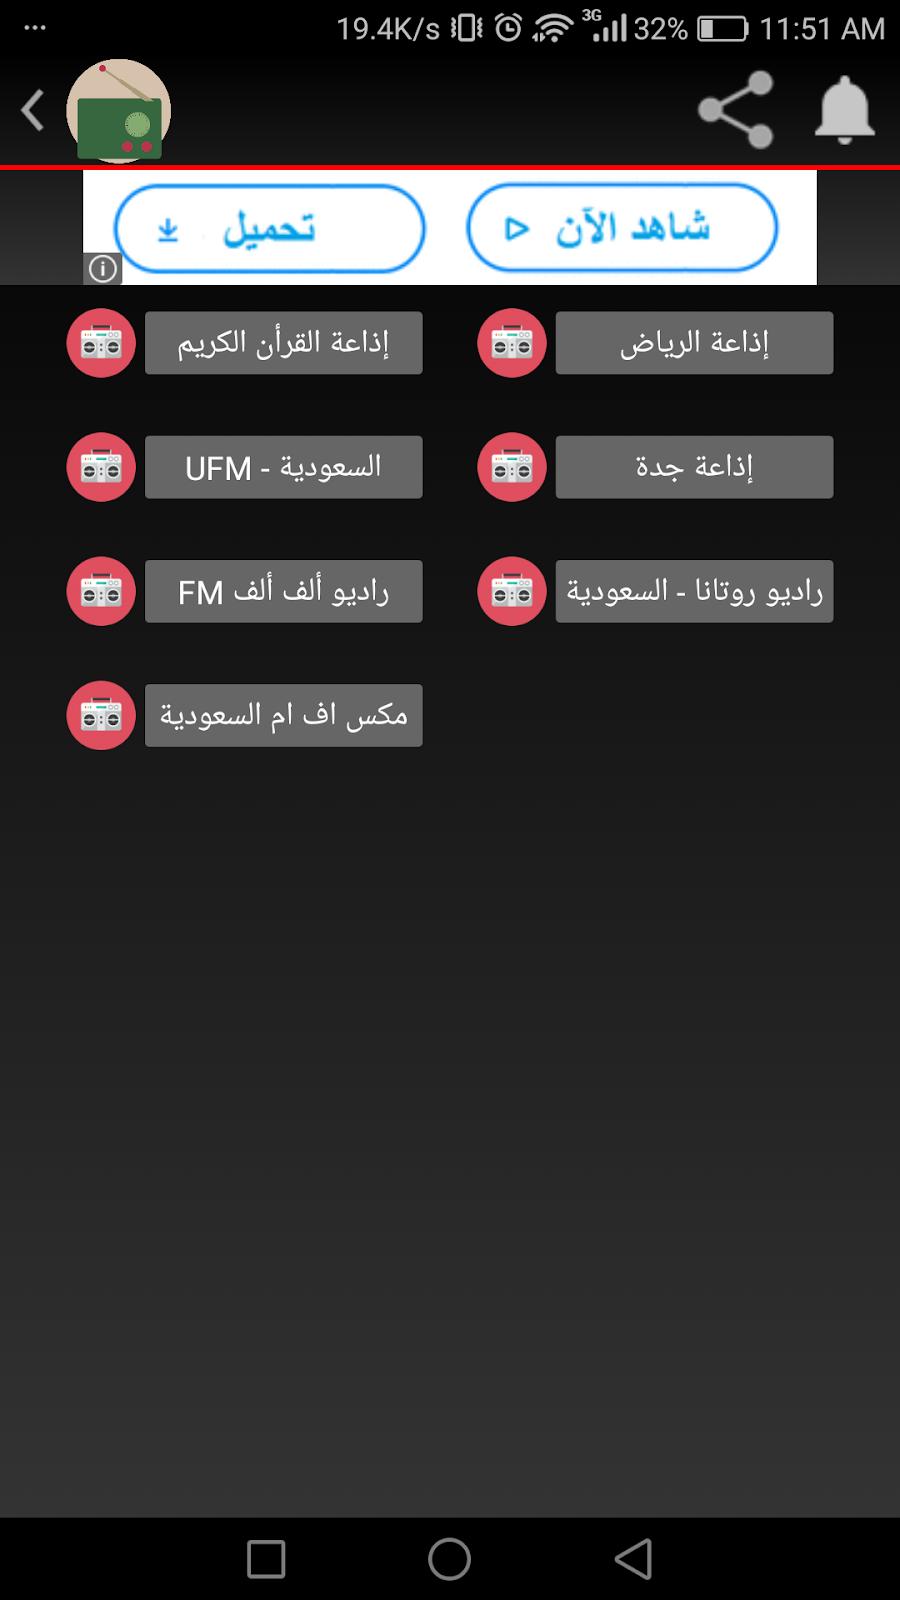 انشاء تطبيق اندرويد بالعربي مجانا